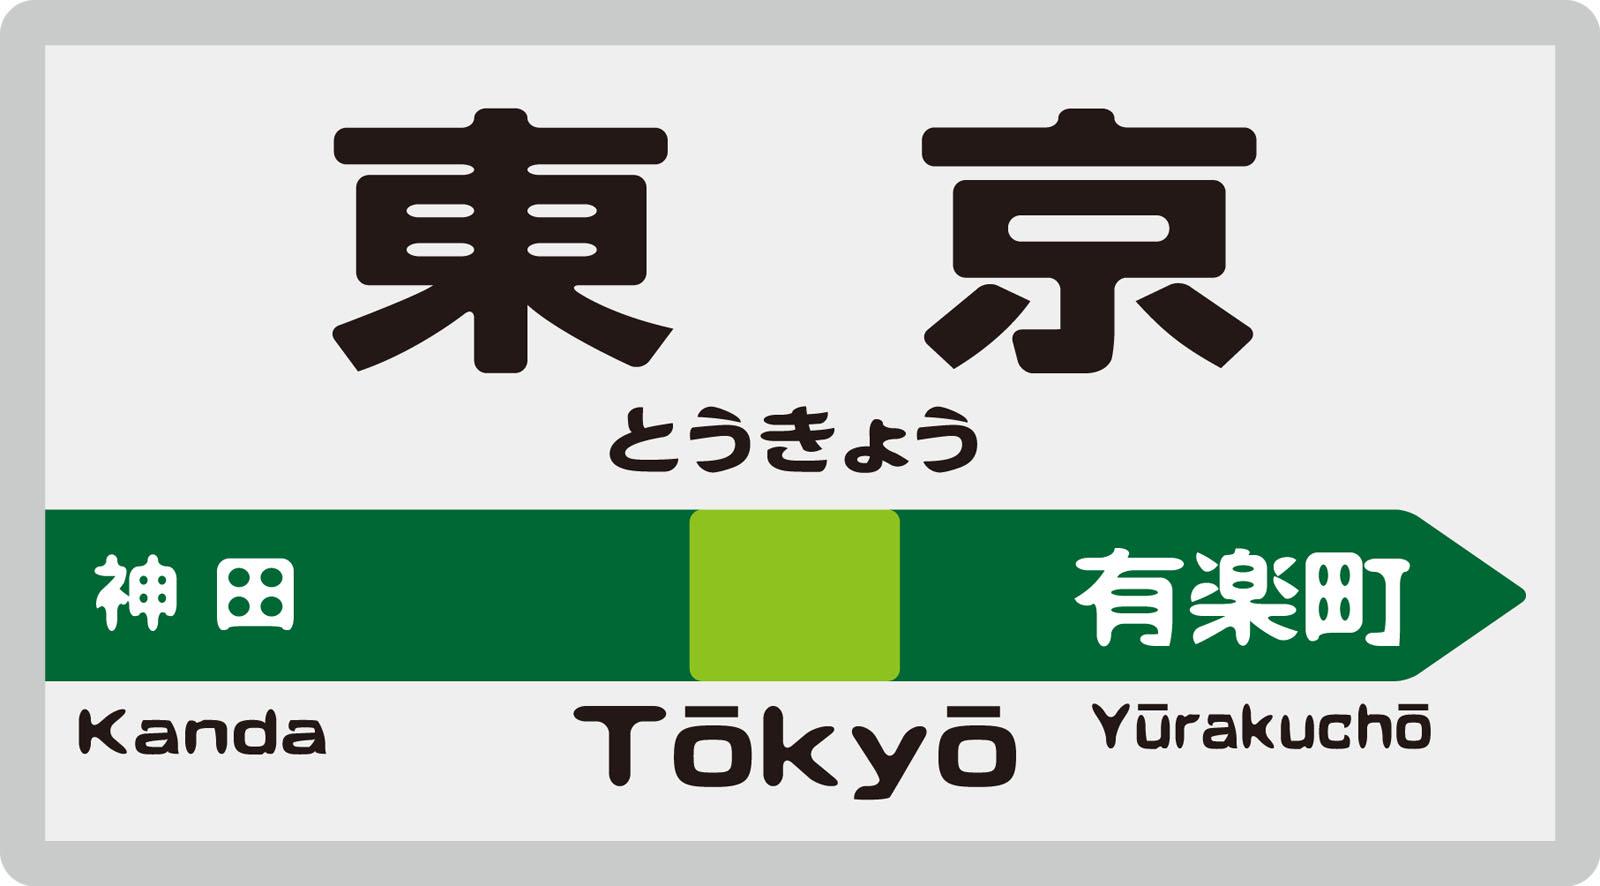 【難読駅名クイズ 20問】関西&関東から出題!!おもしろ三択問題を紹介!